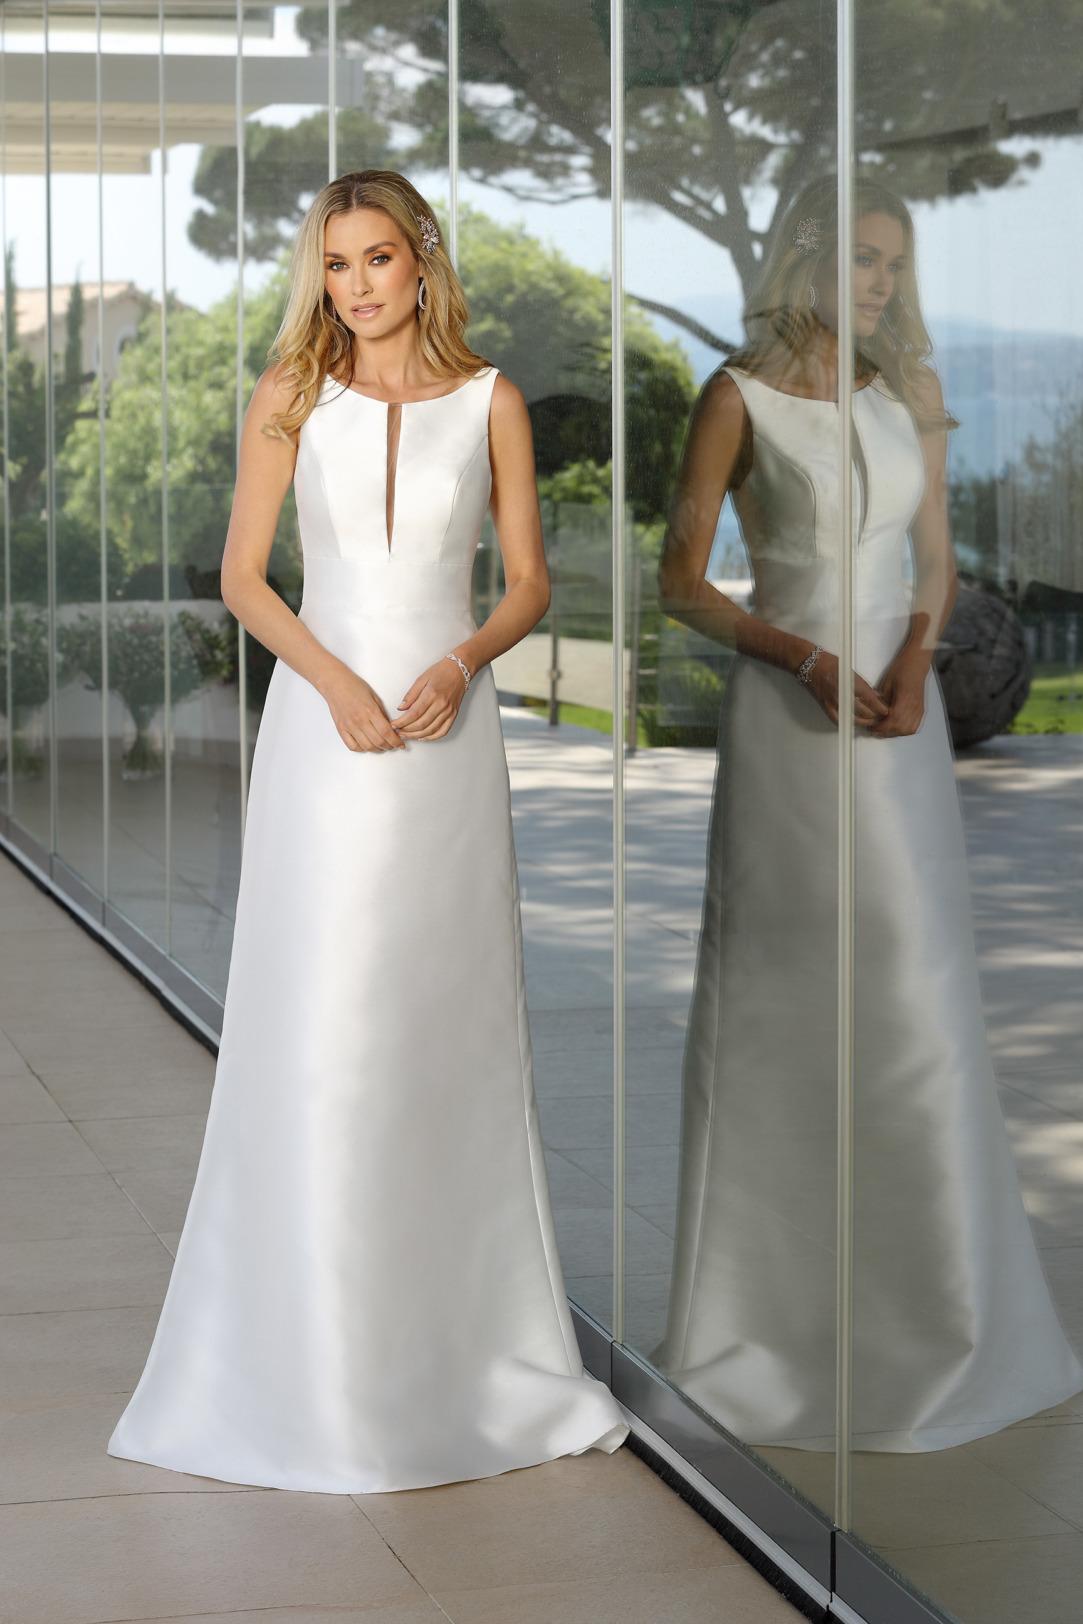 Brautkleider Hochzeitskleider Ladybird Empire Stil Style Form lang sehr schlicht Satin 50er Jahre Stil ohne Schleppe